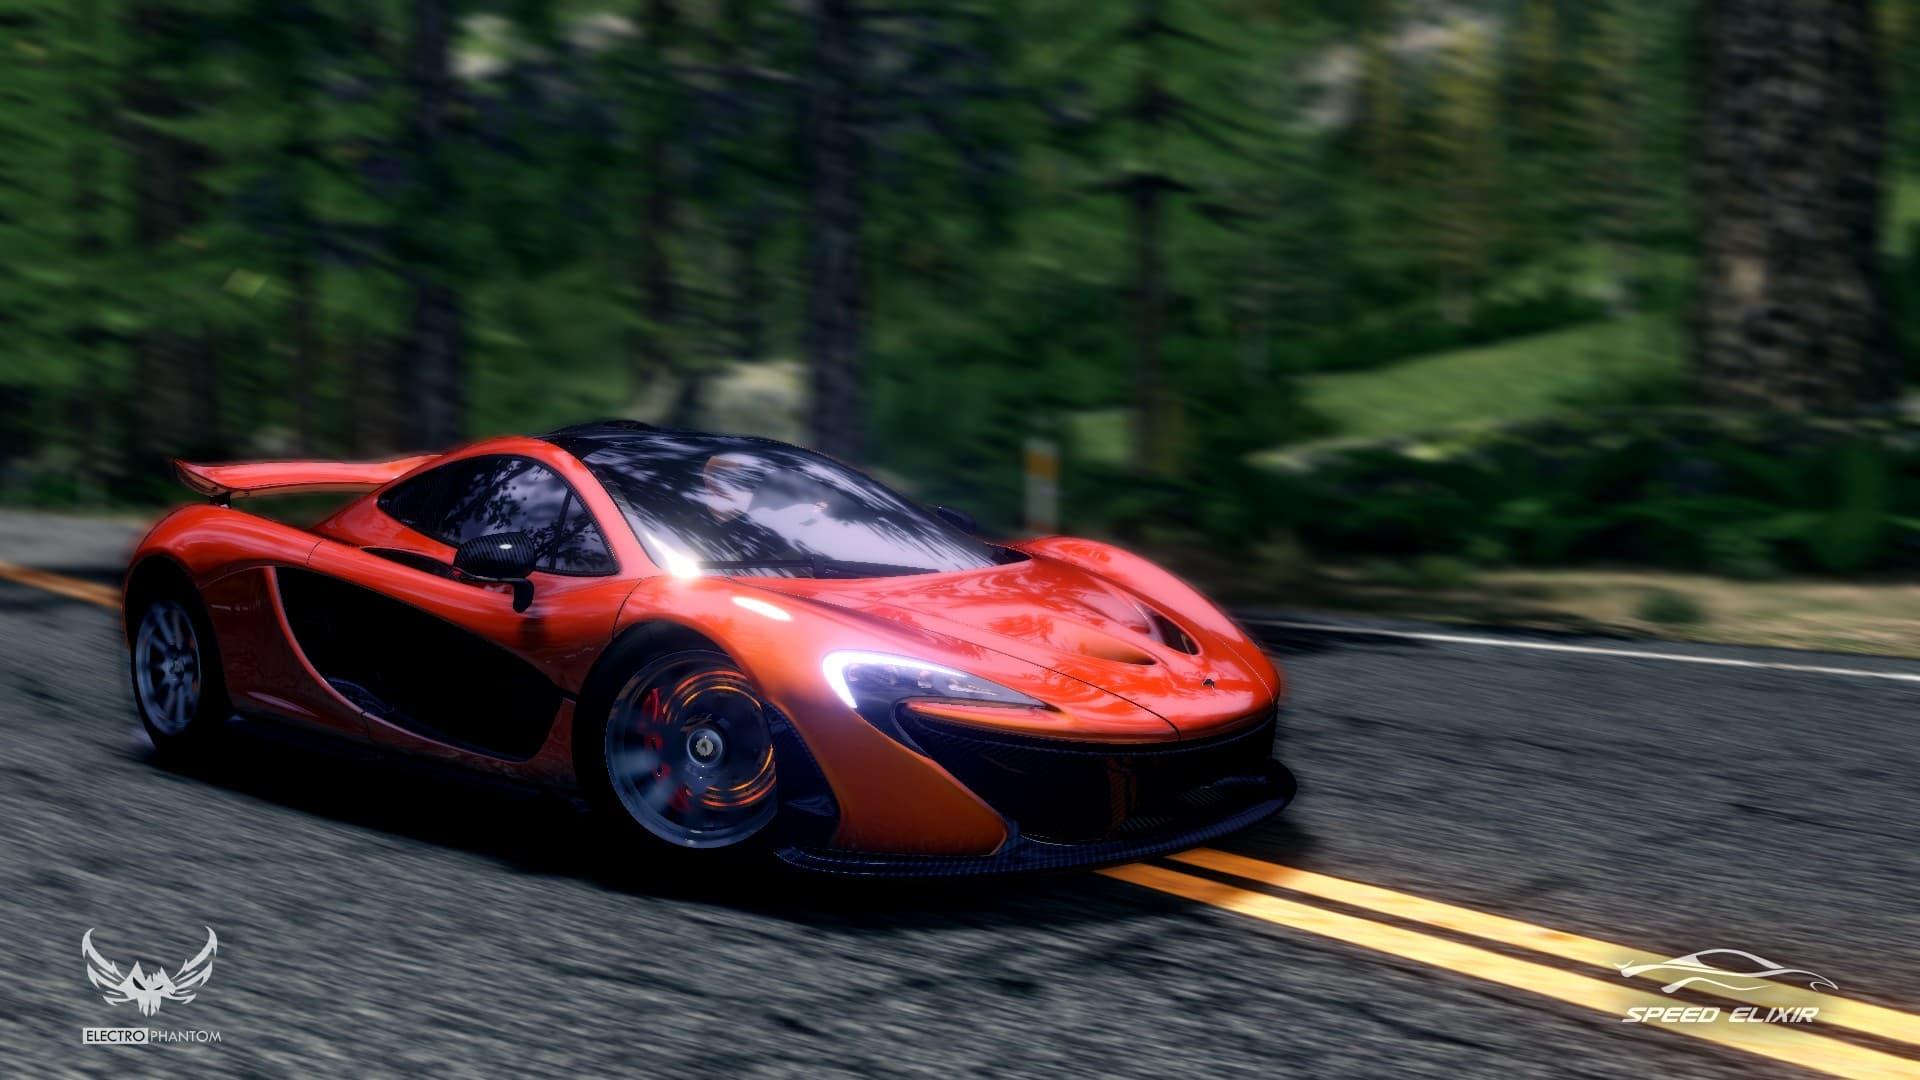 Xbox One Speed Elixir